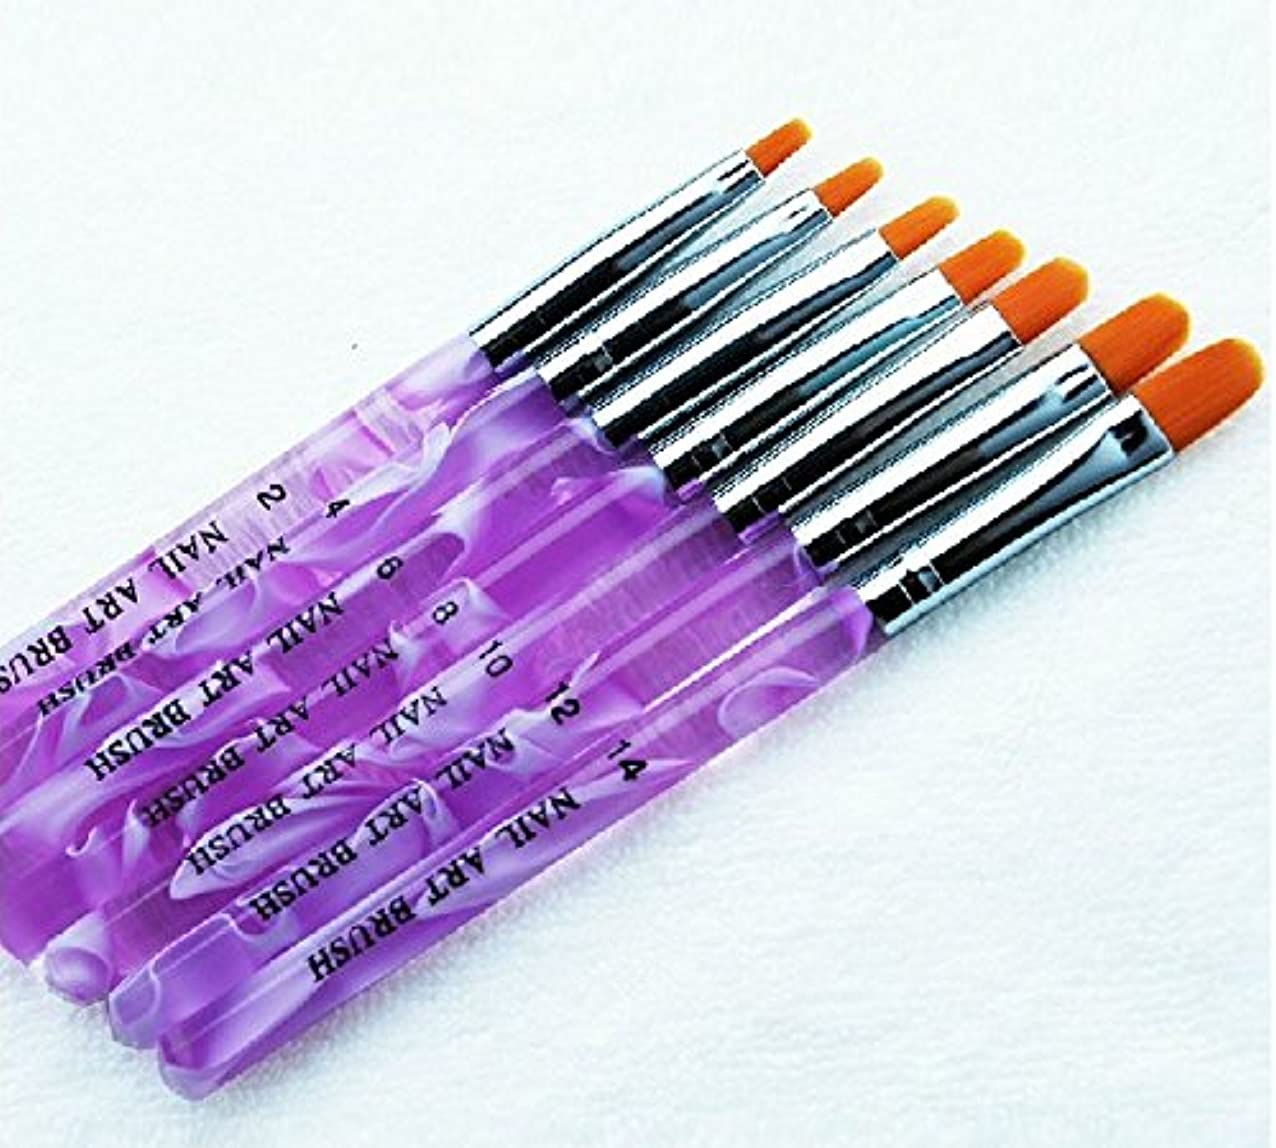 ぴったり長くする読書をするPOT ジェル ネイルブラシ 7本セット UV用 ジェルブラシ 平筆ブラシ 使い分けに ナンバー 印字 入り